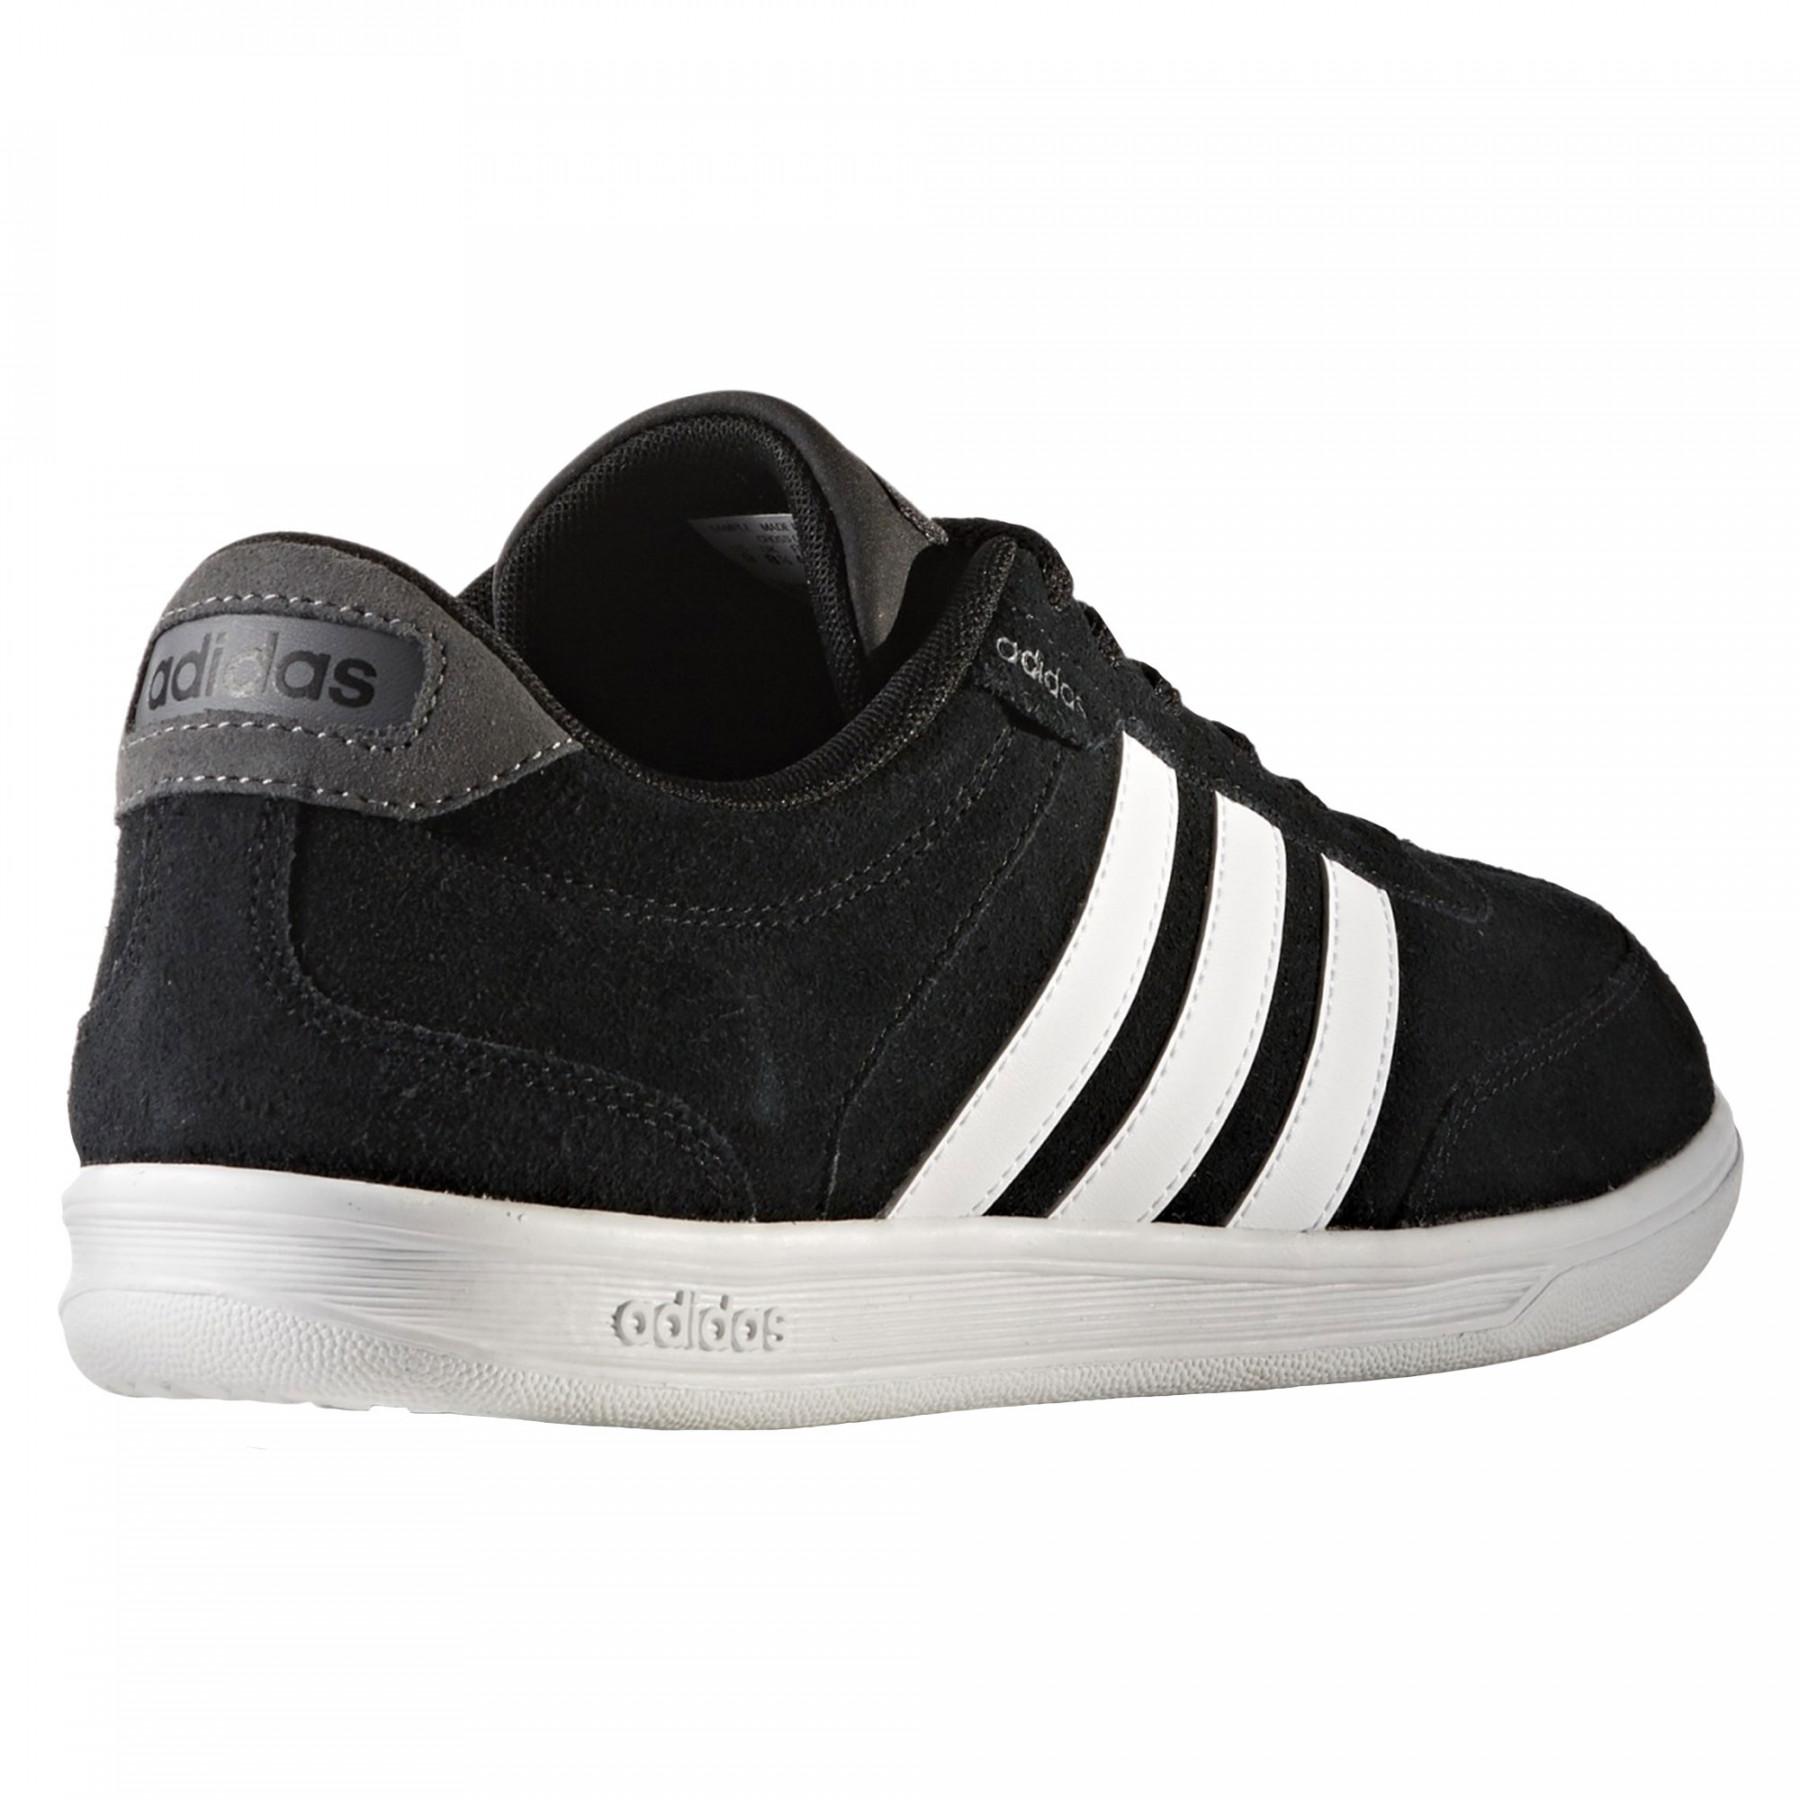 Cross Homme Pas Basses Court Adidas Cher Baskets Noir Chaussure cKJT1lF